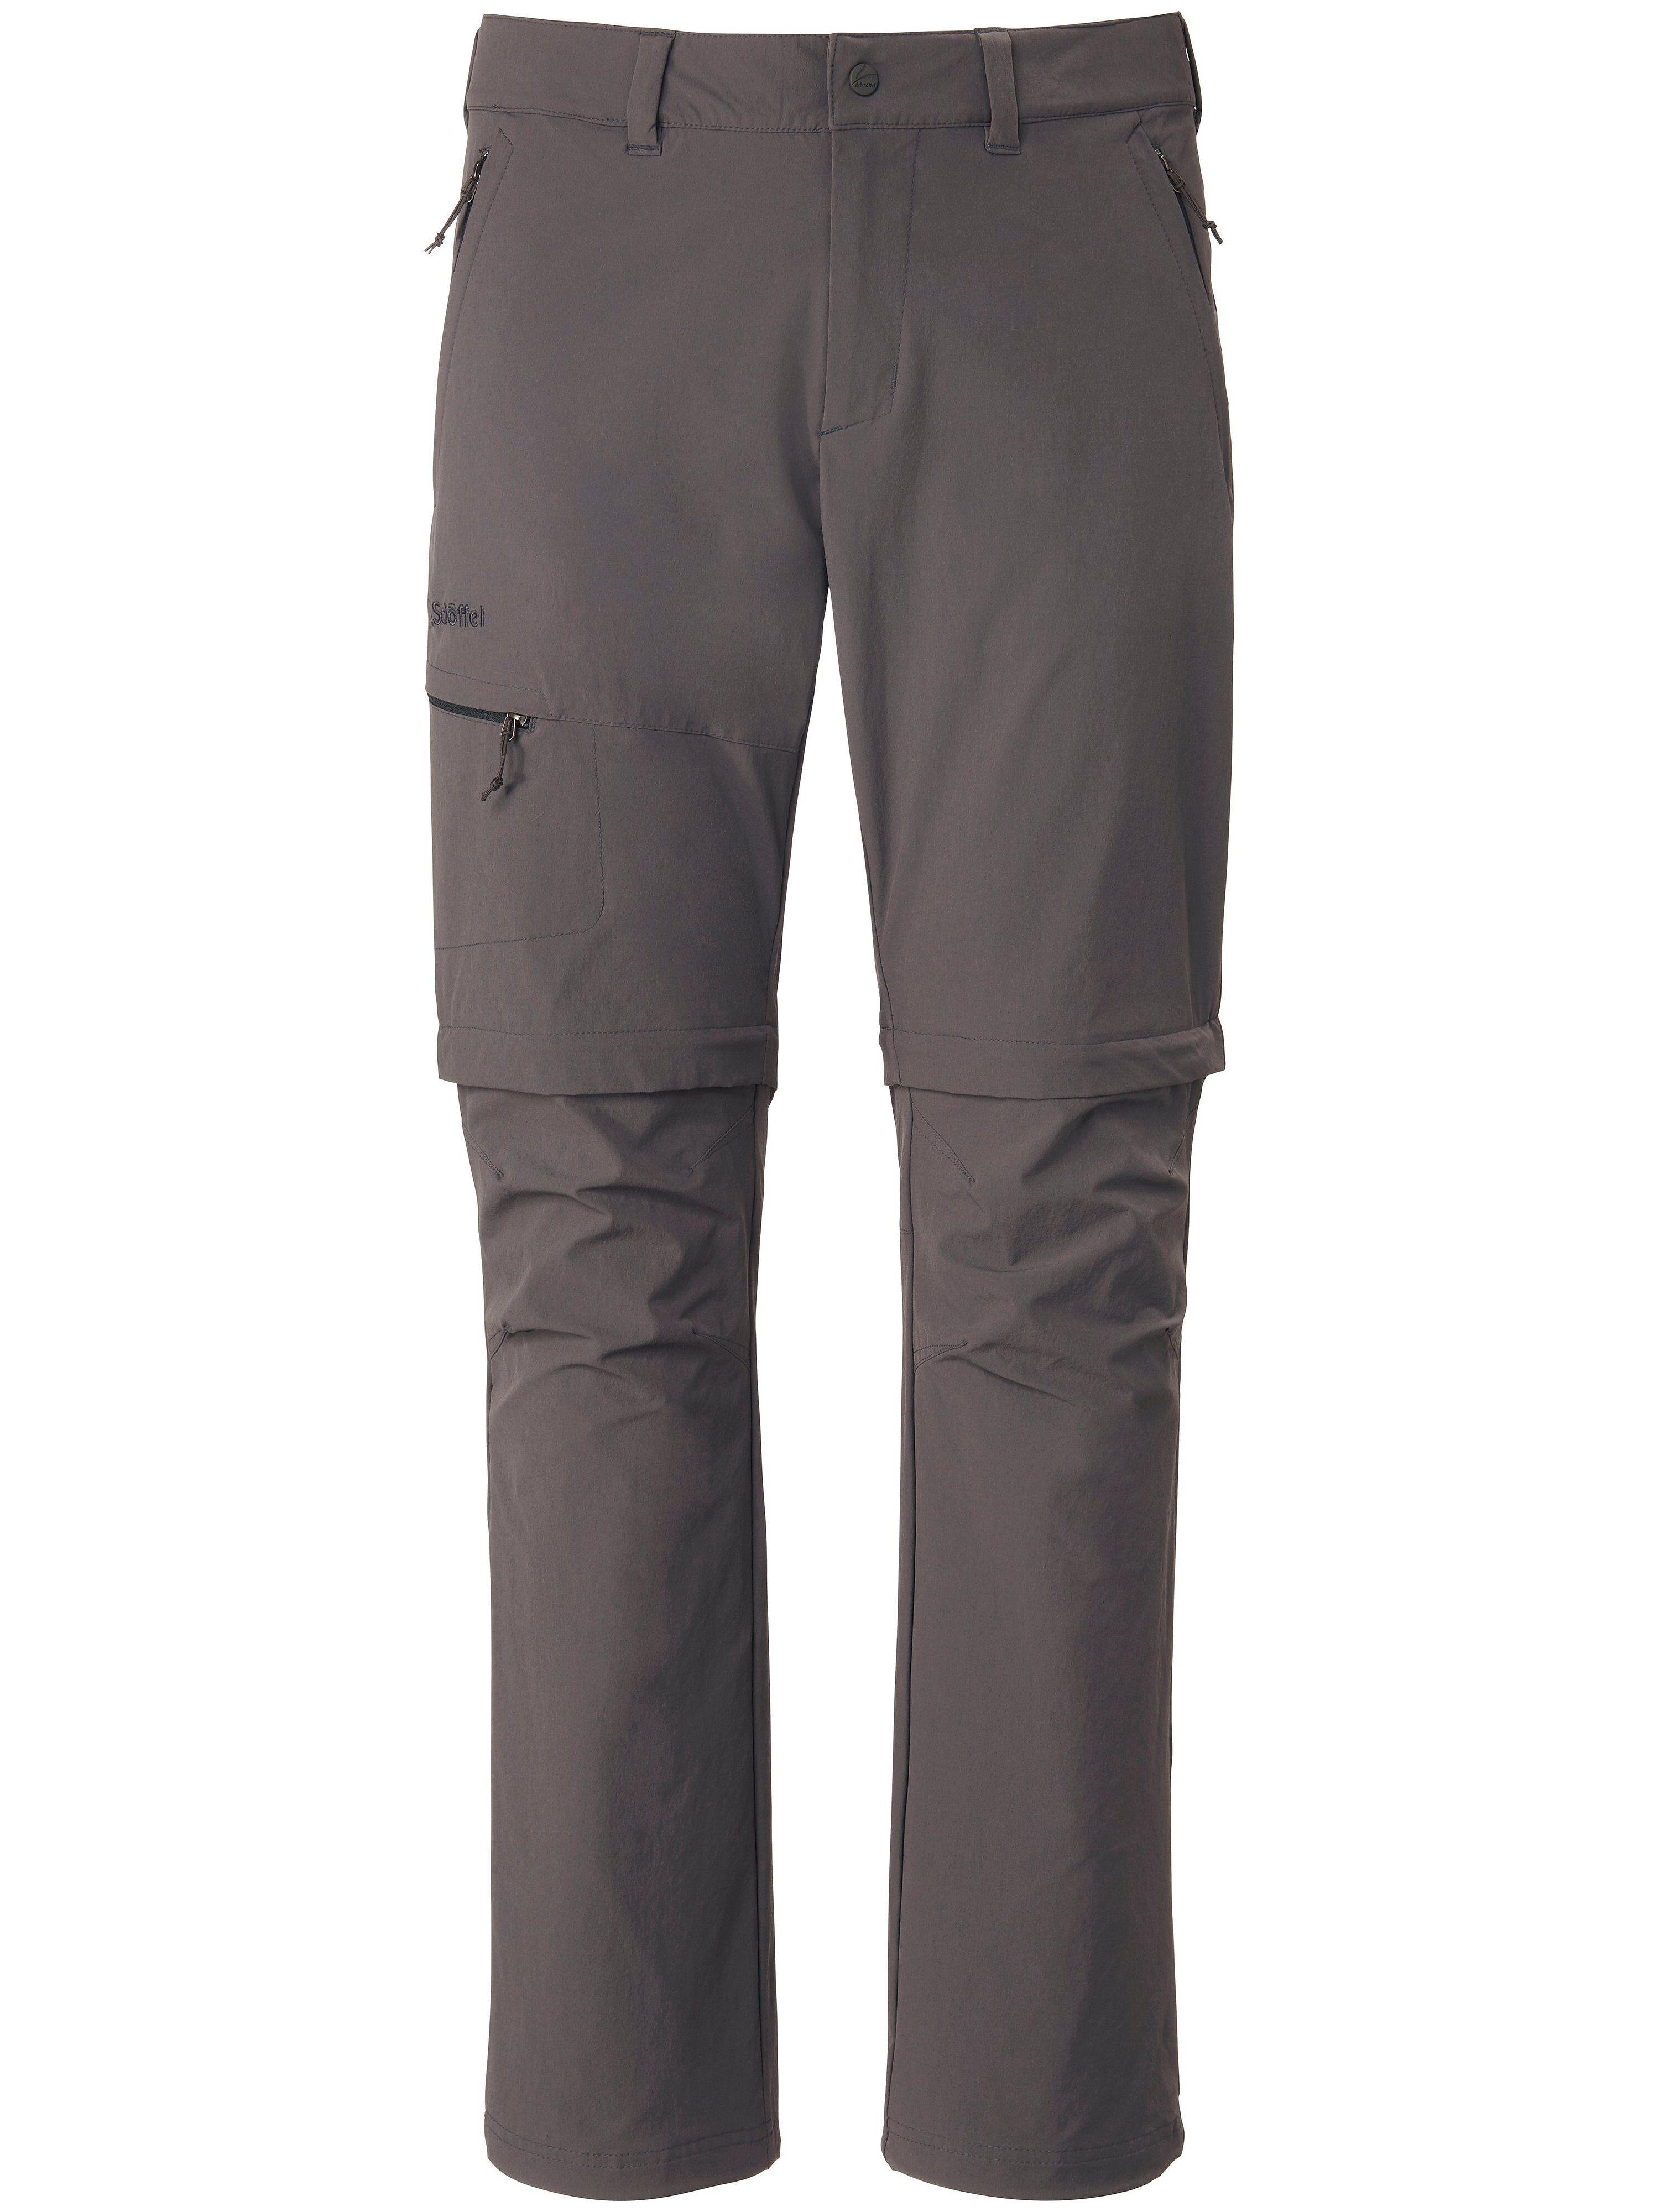 Schöffel Le pantalon randonnée Zip-Off  Schöffel gris  - Homme - 27